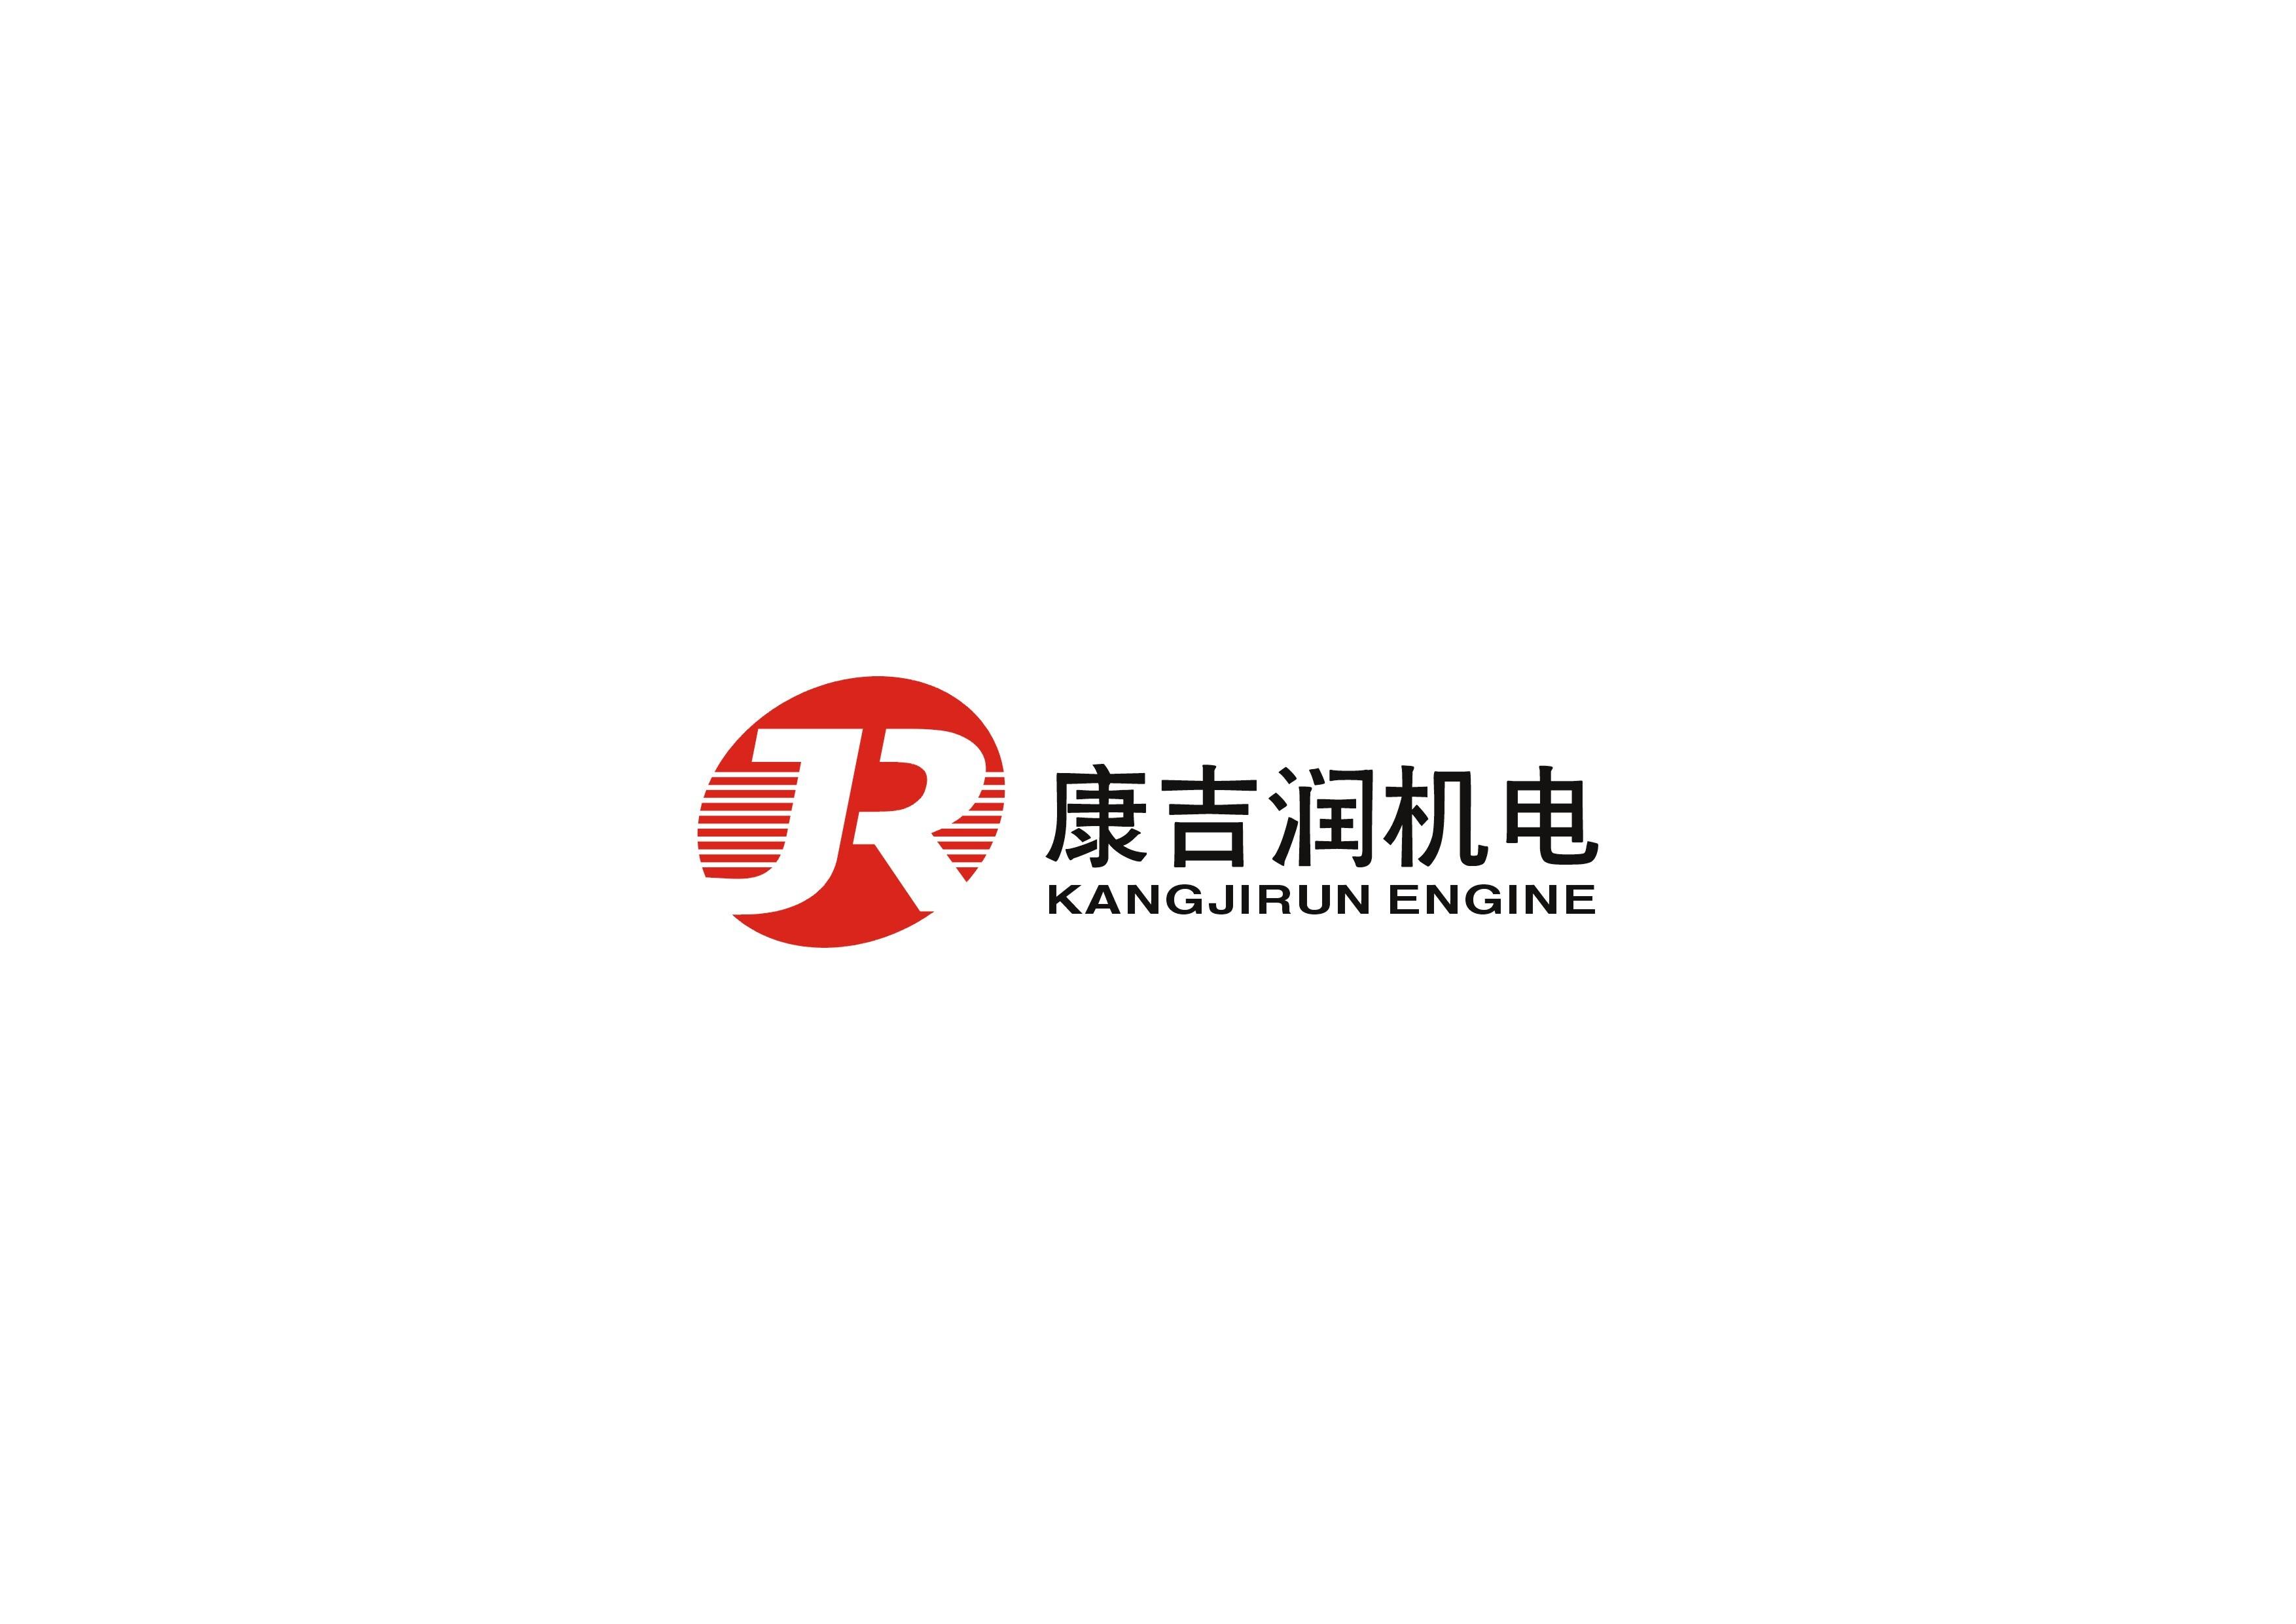 湖北康吉润机电有限公司